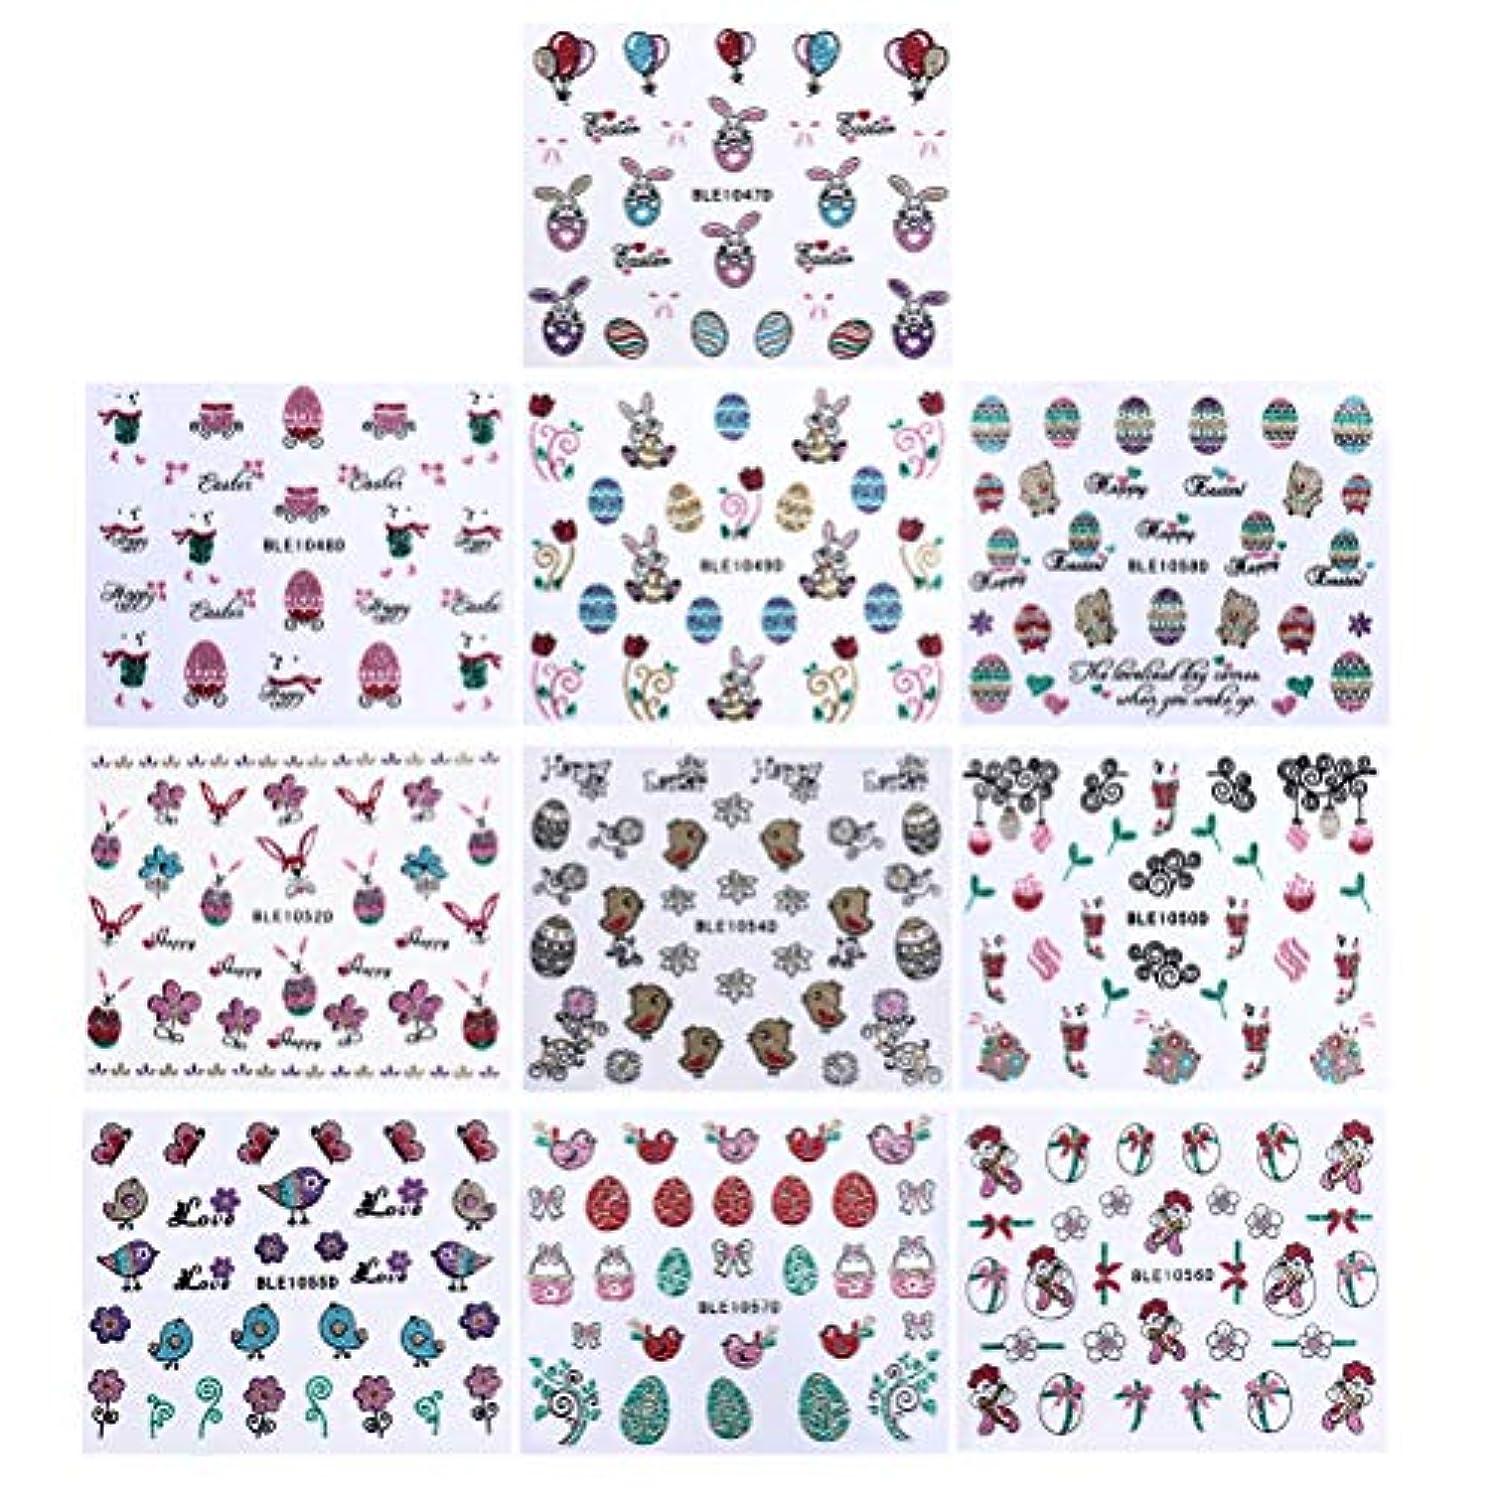 オーバードローペットエゴマニアFrcolor ネイルシール ネイルアートシール ネイルステッカーキラキラ 3Dシール 动物 漫画 DIYネイルアプリーク 可愛いネイル飾り 10個